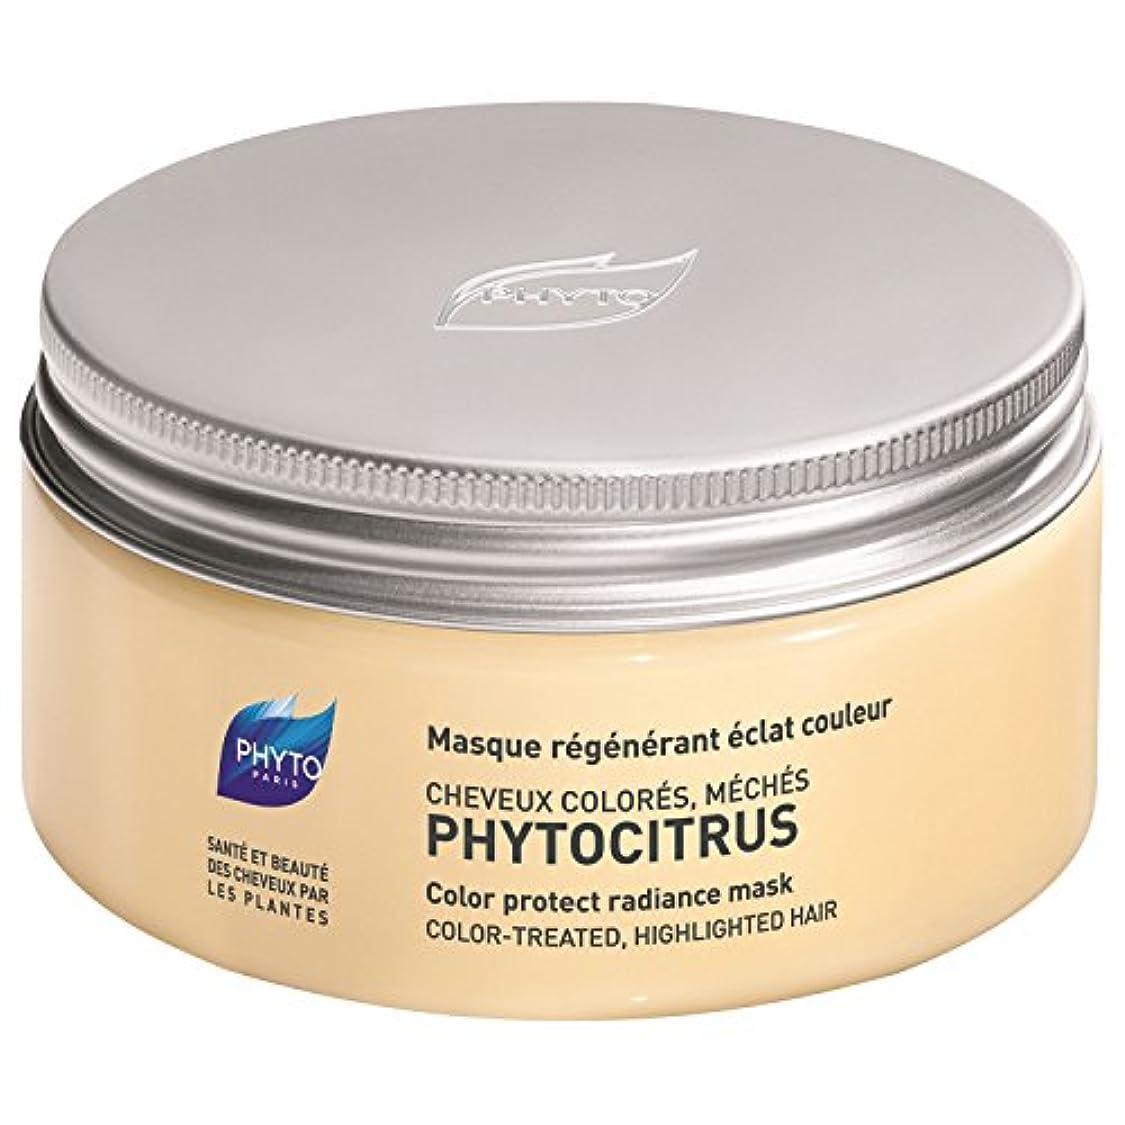 破滅的なの量口述フィトPhytocitrus色保護放射輝度マスク200ミリリットル (Phyto) (x6) - Phyto Phytocitrus Colour Protect Radiance Mask 200ml (Pack of...